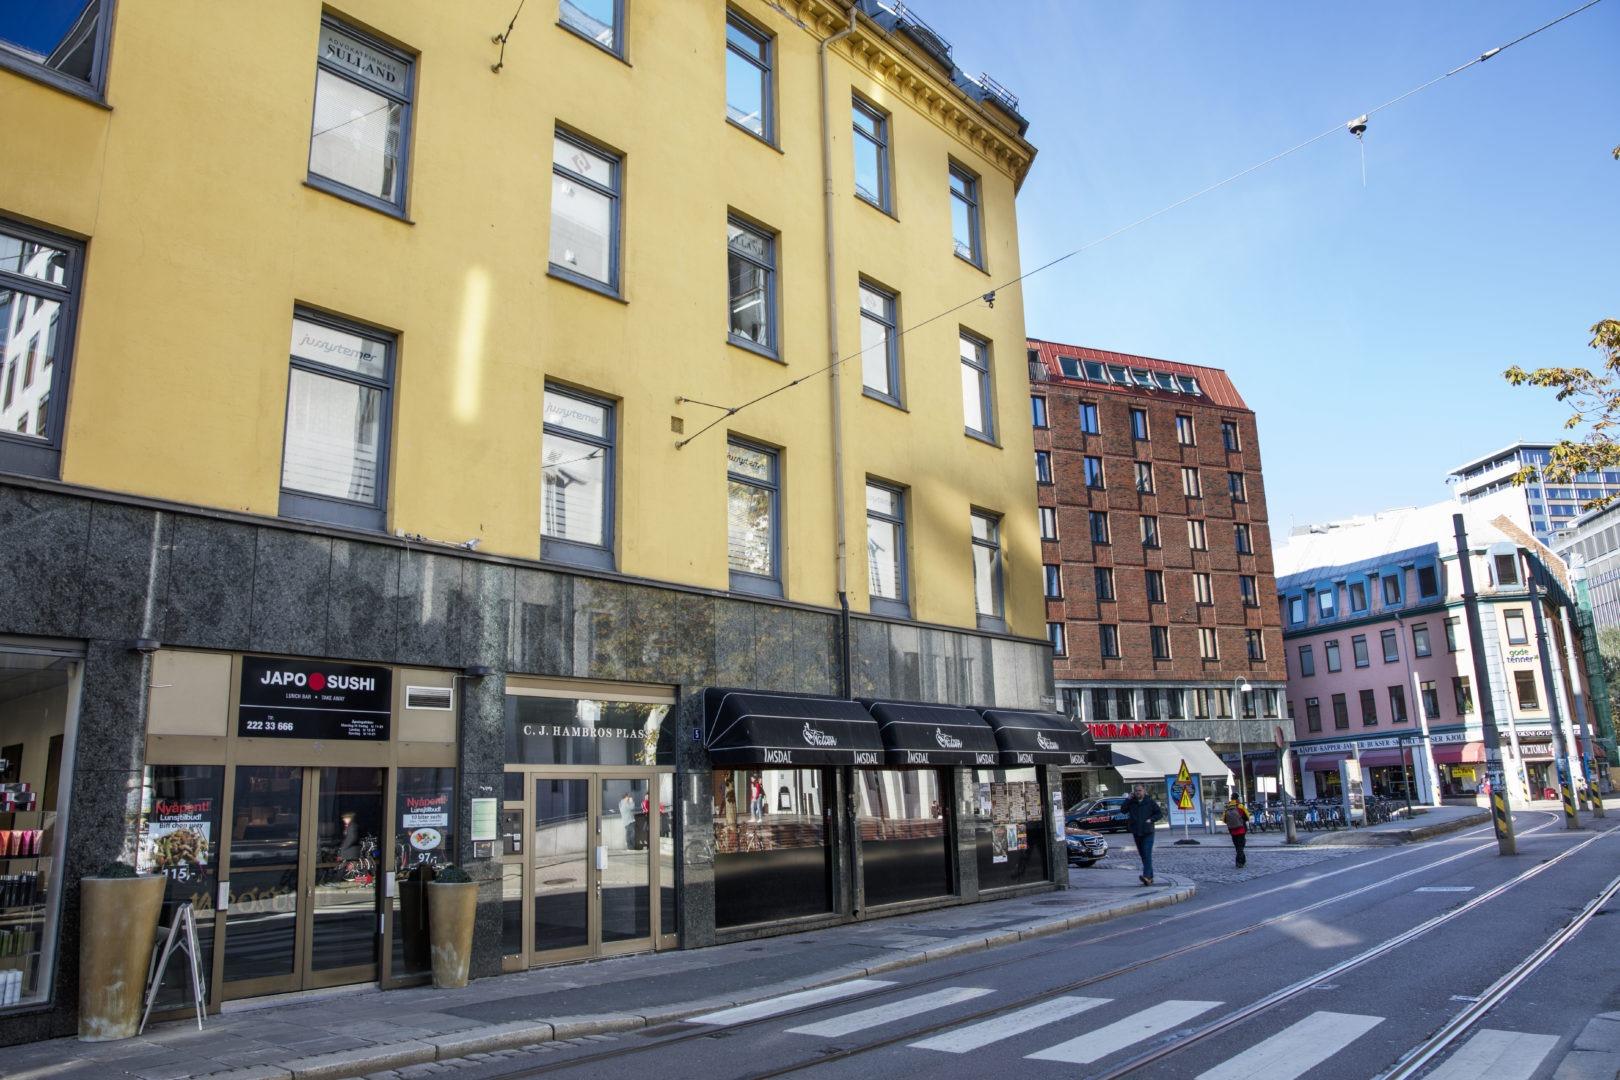 OSLOKONTORET: Dørteknikk er iferd med å bygge opp kontor her ved Tinghuset midt i Oslo sentrum. I dag er det besatt med Morten Høiseth og Ole Petter Dahlmann, men staben skal utvides med to spesialister og en arkitekt i løpet av det nærmeste året. Foto: Geir Olsen